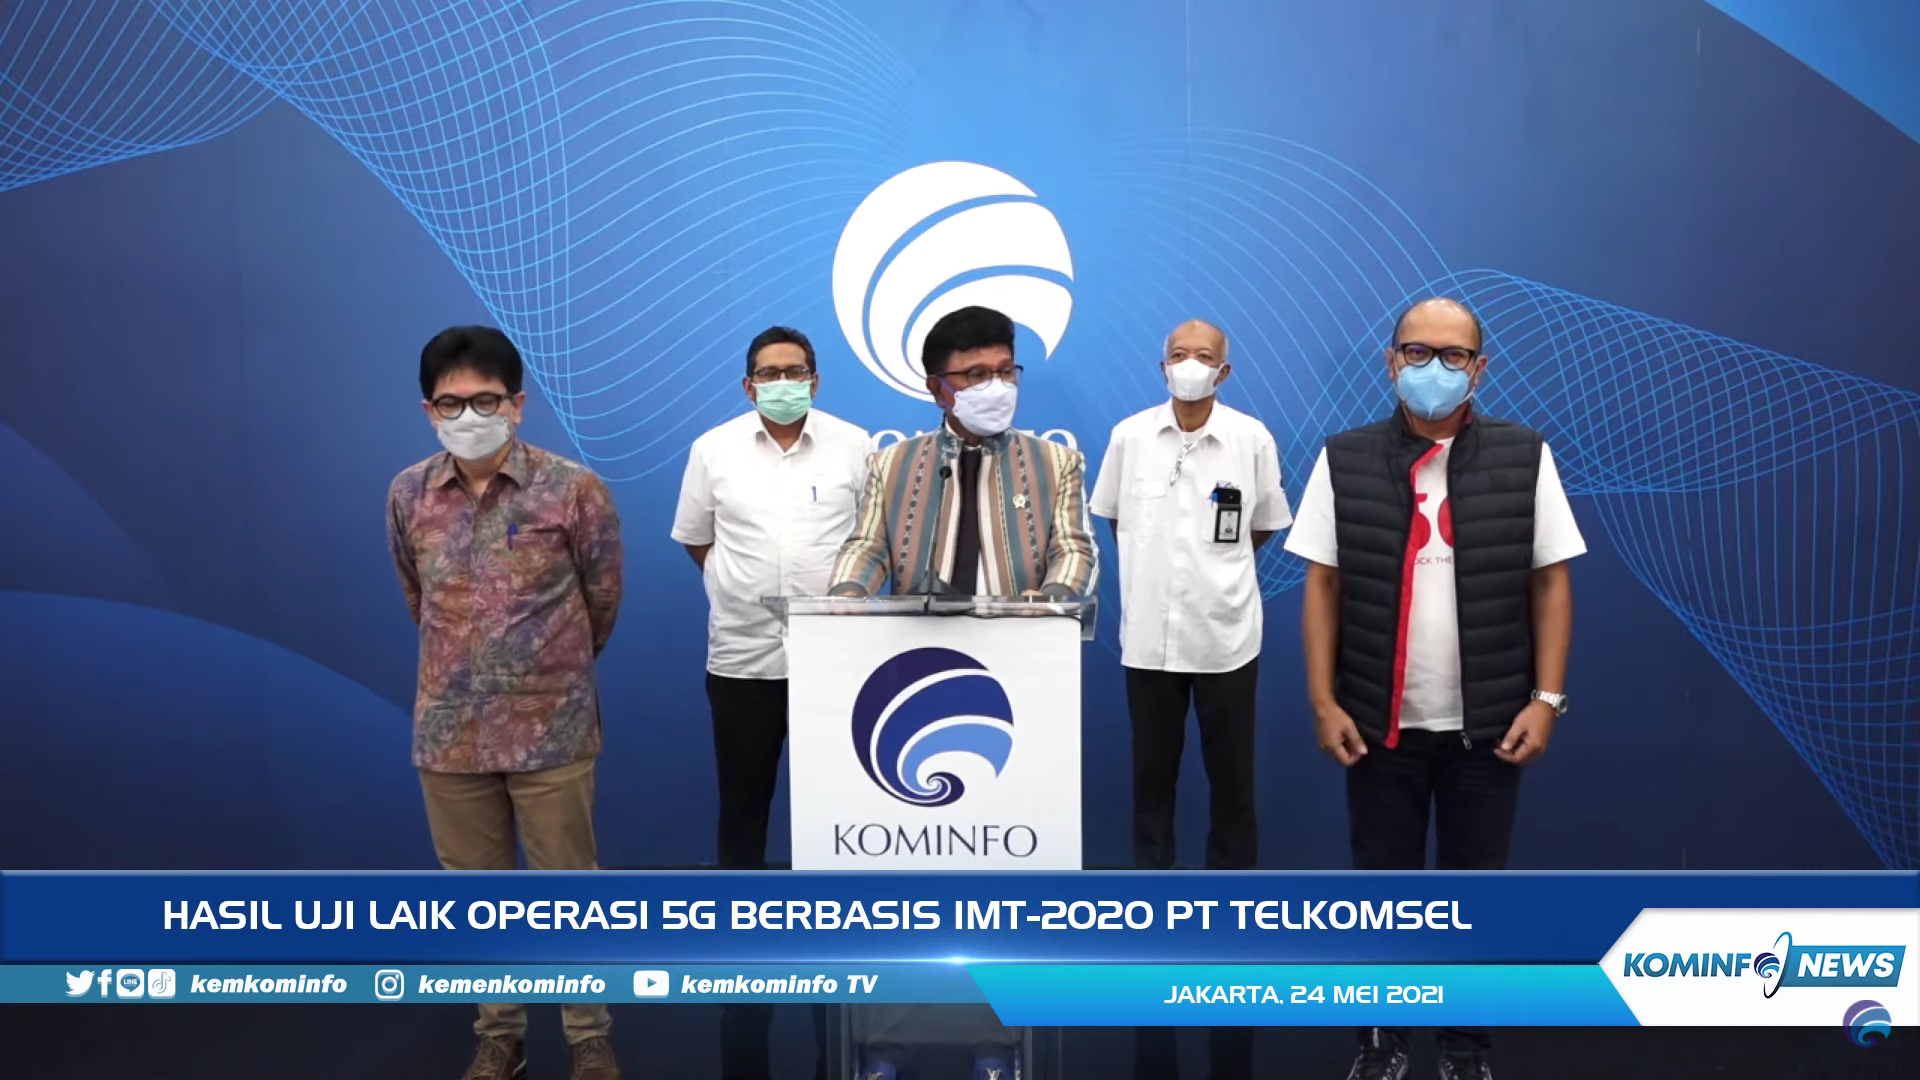 Telkomsel 5G pertama di Indonesia